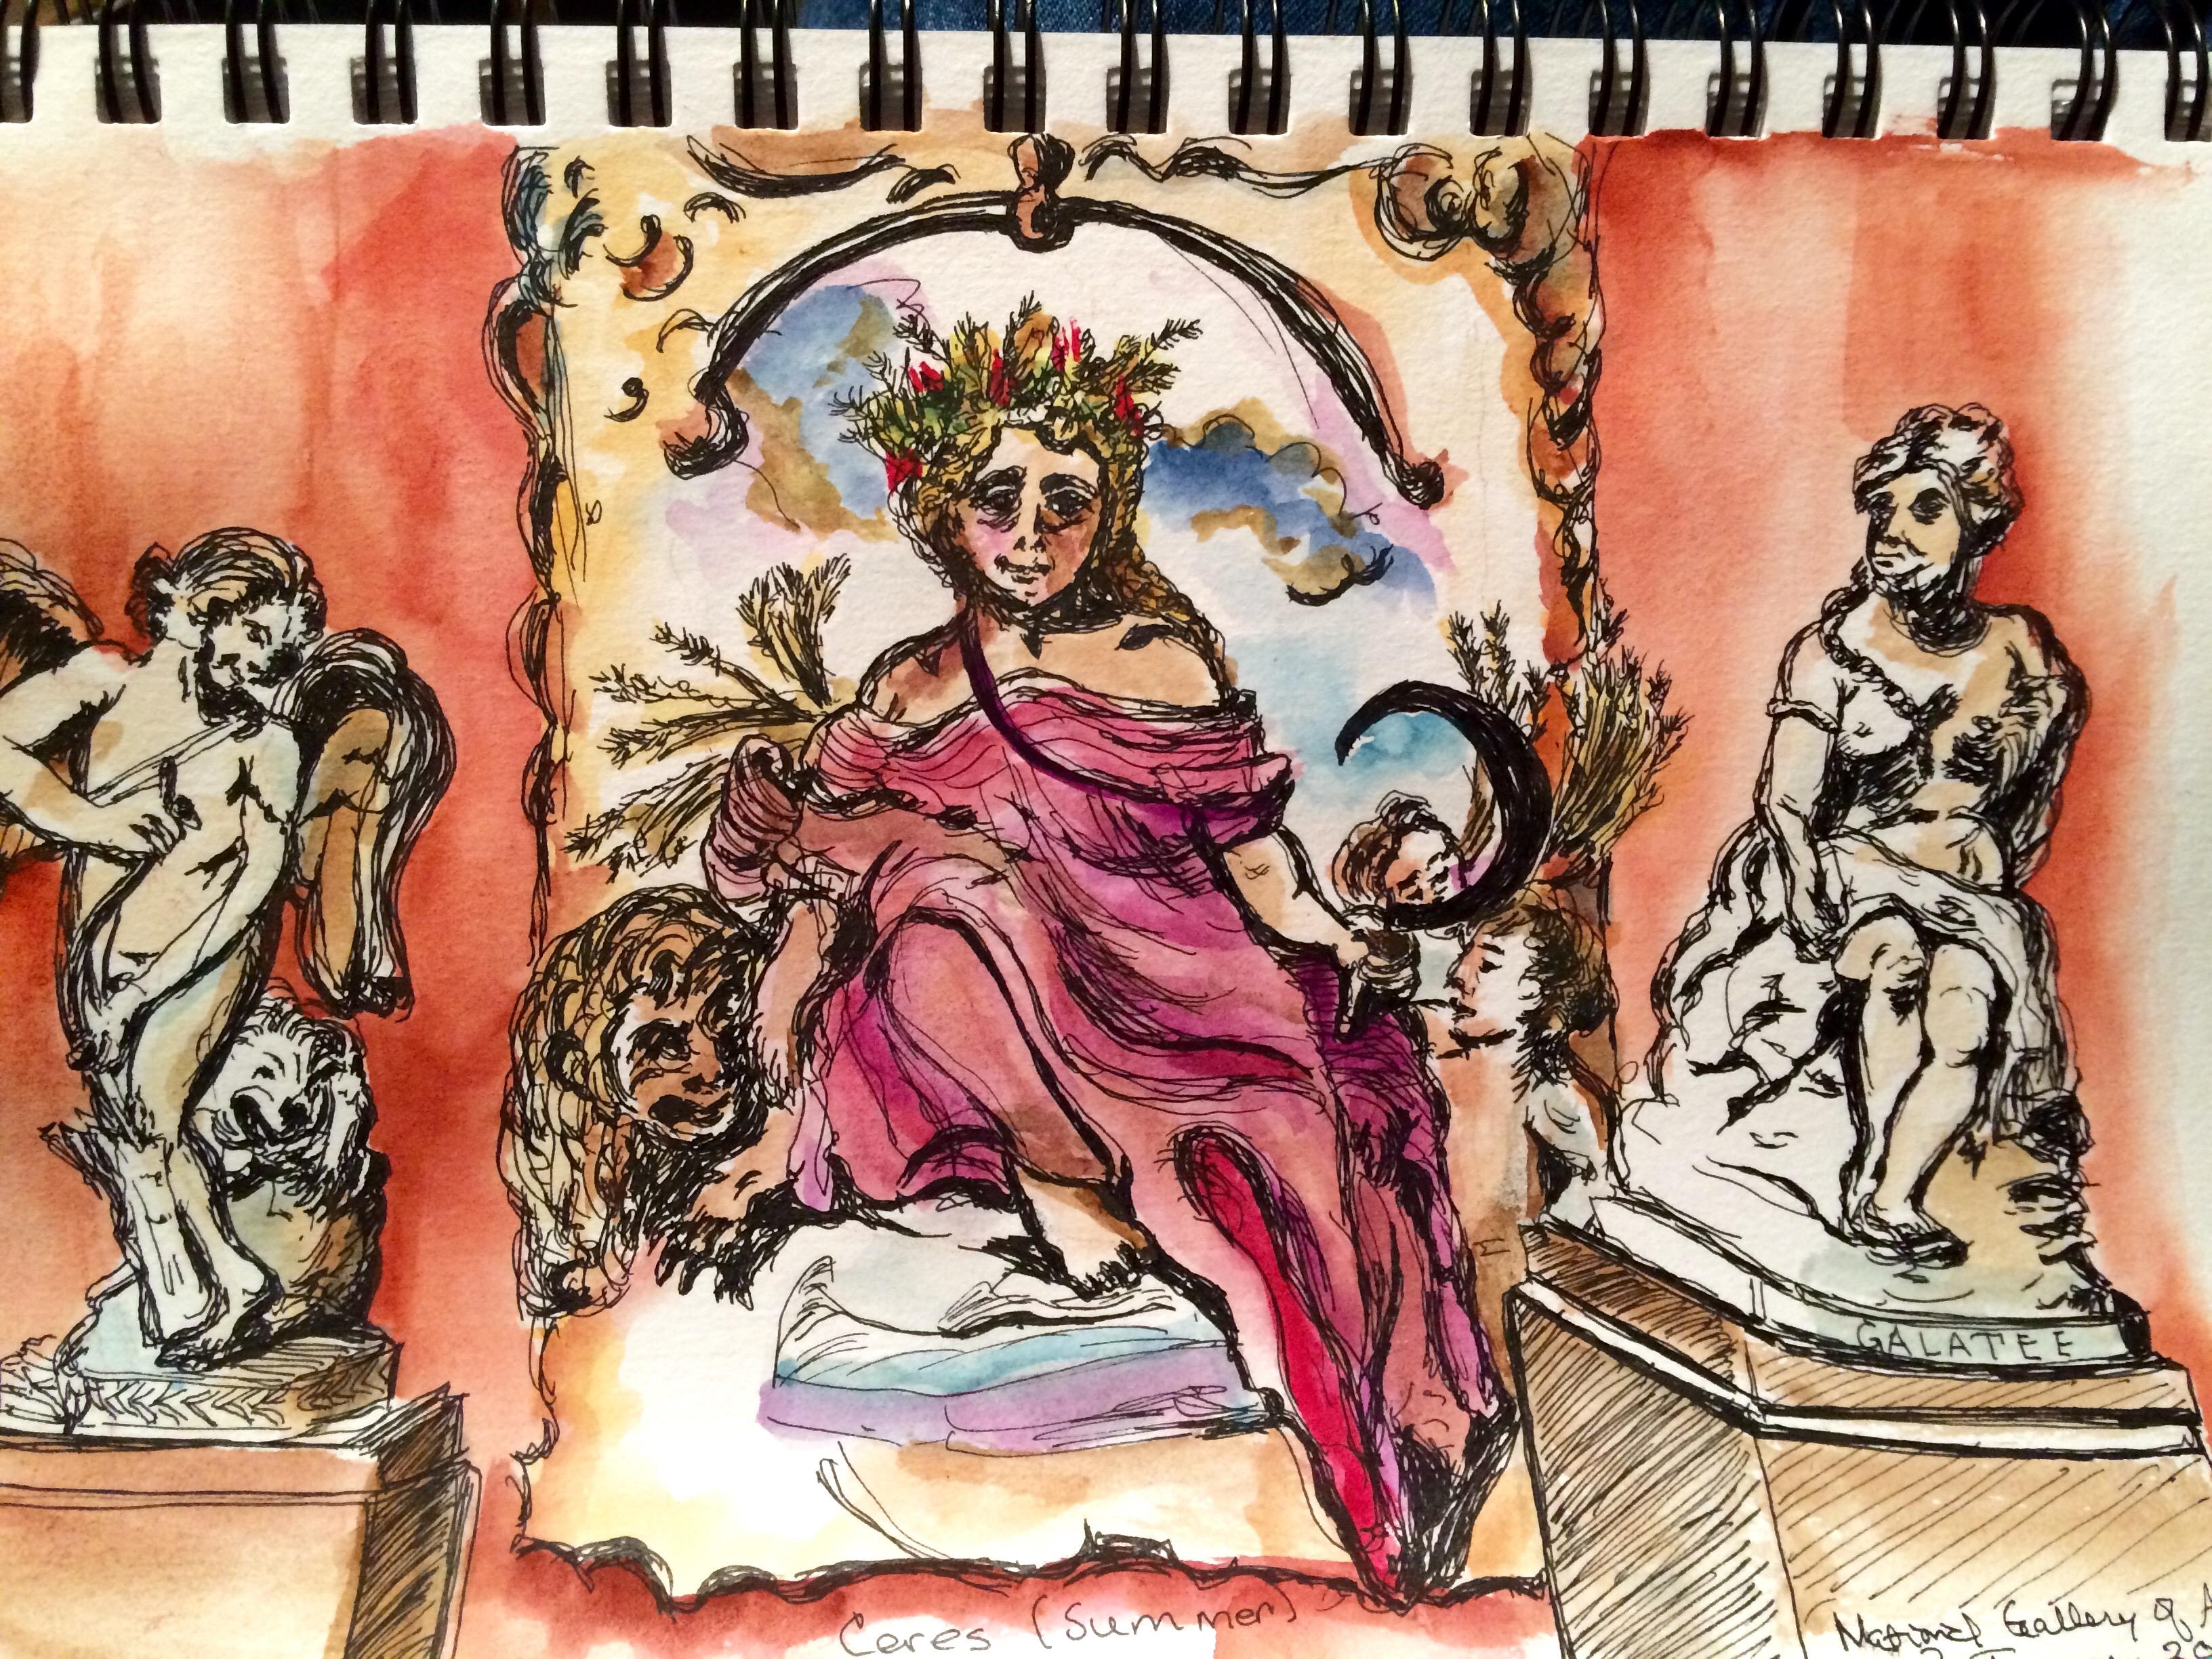 Gallery Sketch